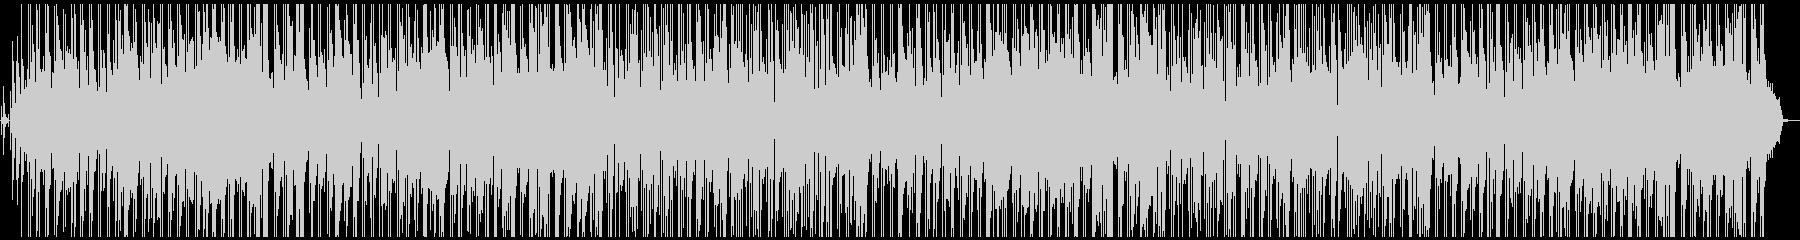 ほのぼのボサノバ風ポップスの未再生の波形